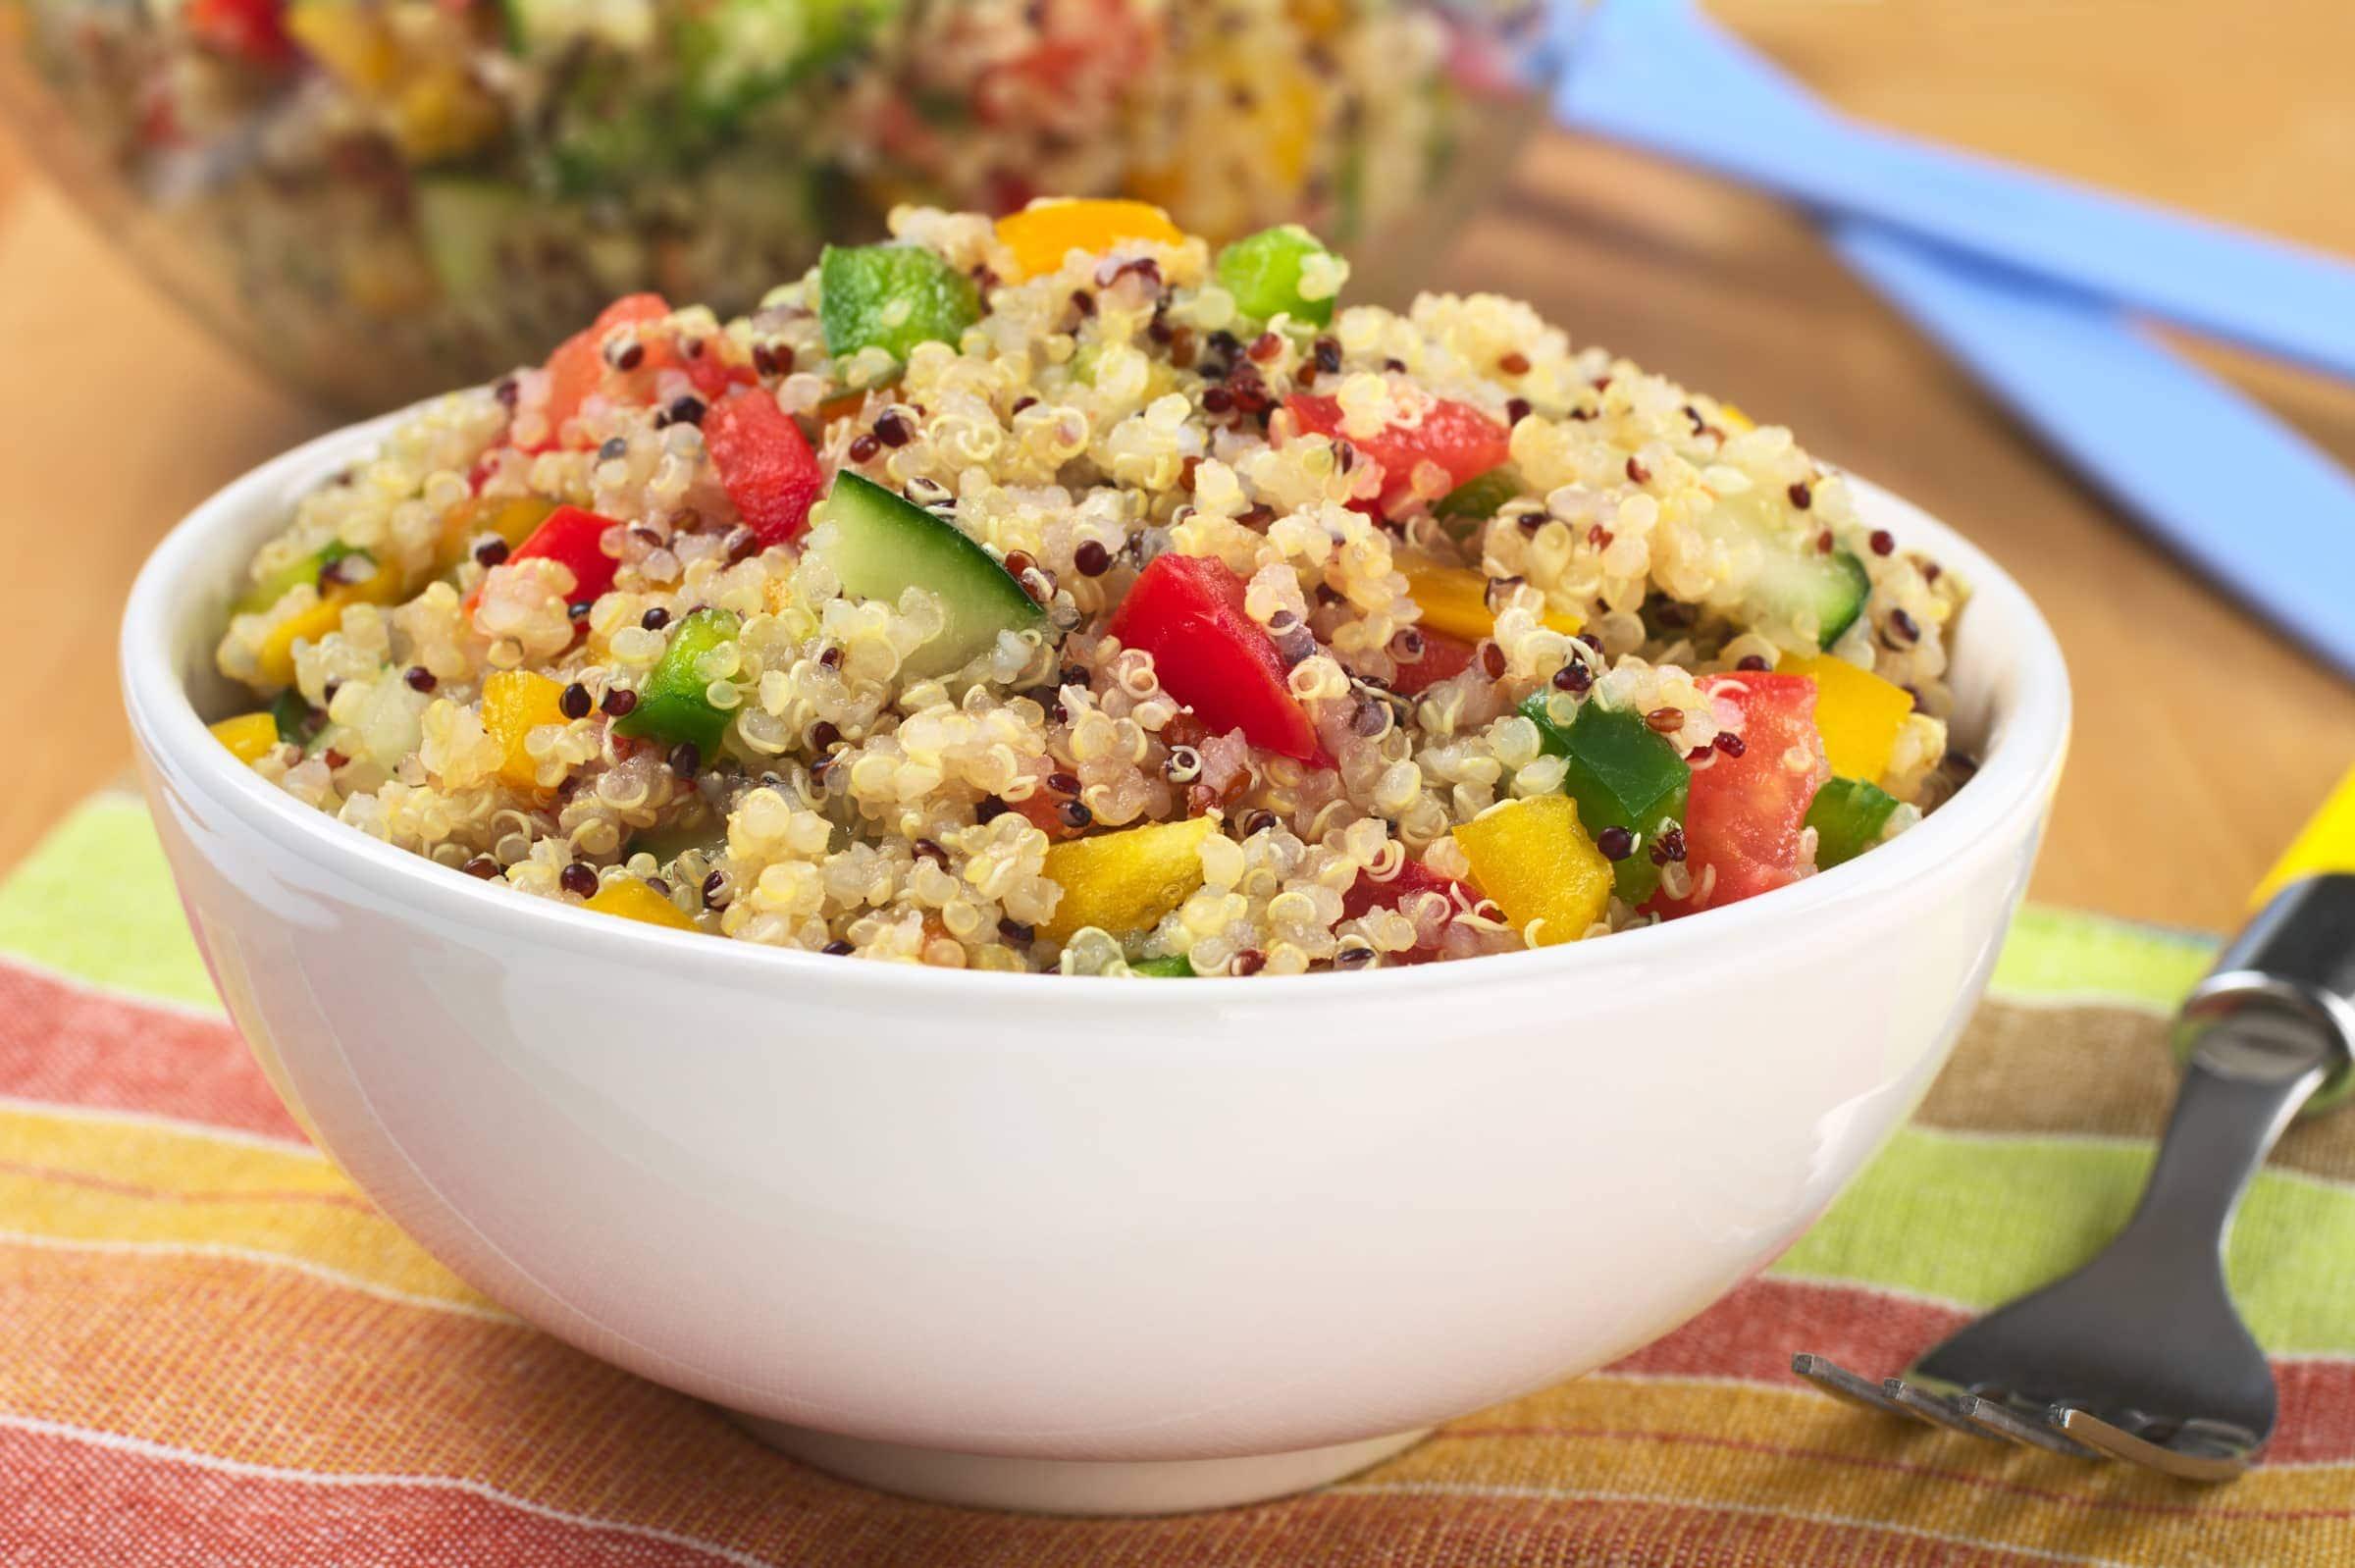 Ricetta Insalata Vegetariana.Ricetta Insalata Vegetariana Di Quinoa Il Club Delle Ricette